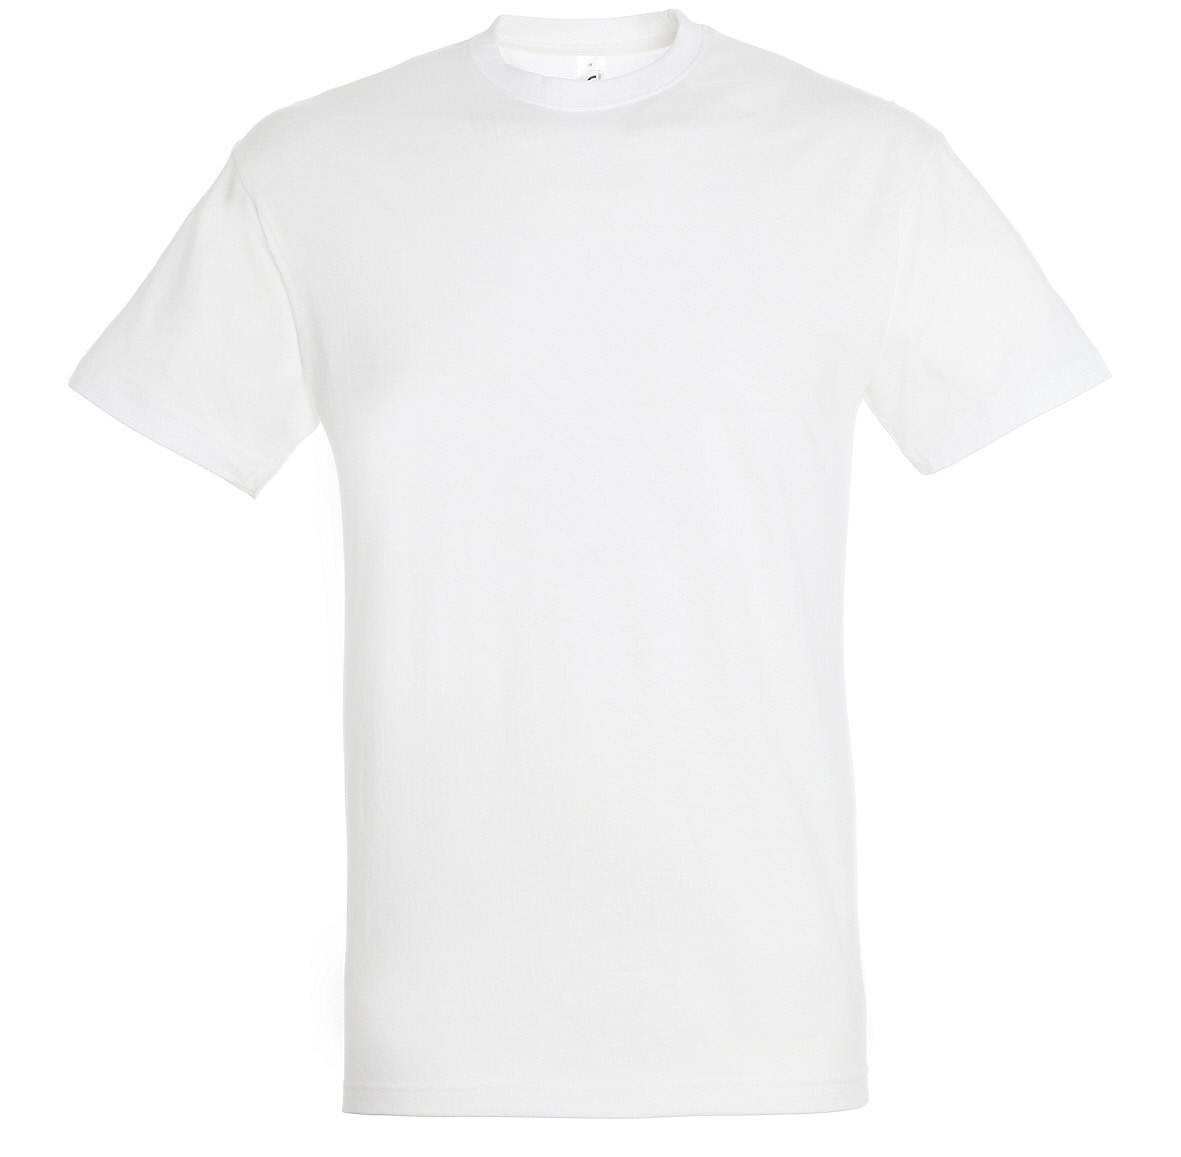 Футболка 100% хлопок, цвет белый, размер S